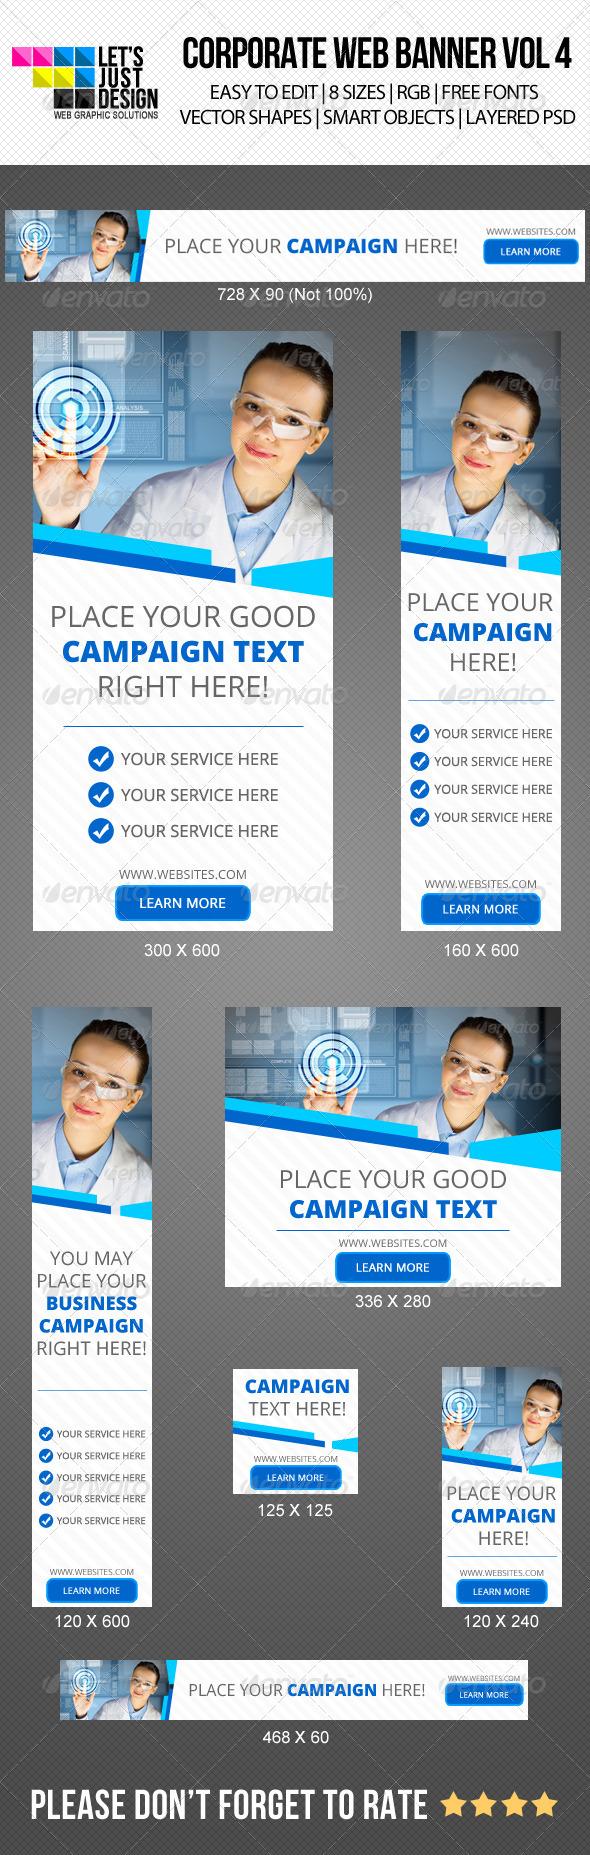 GraphicRiver Corporate Web Banner Vol 4 6044345